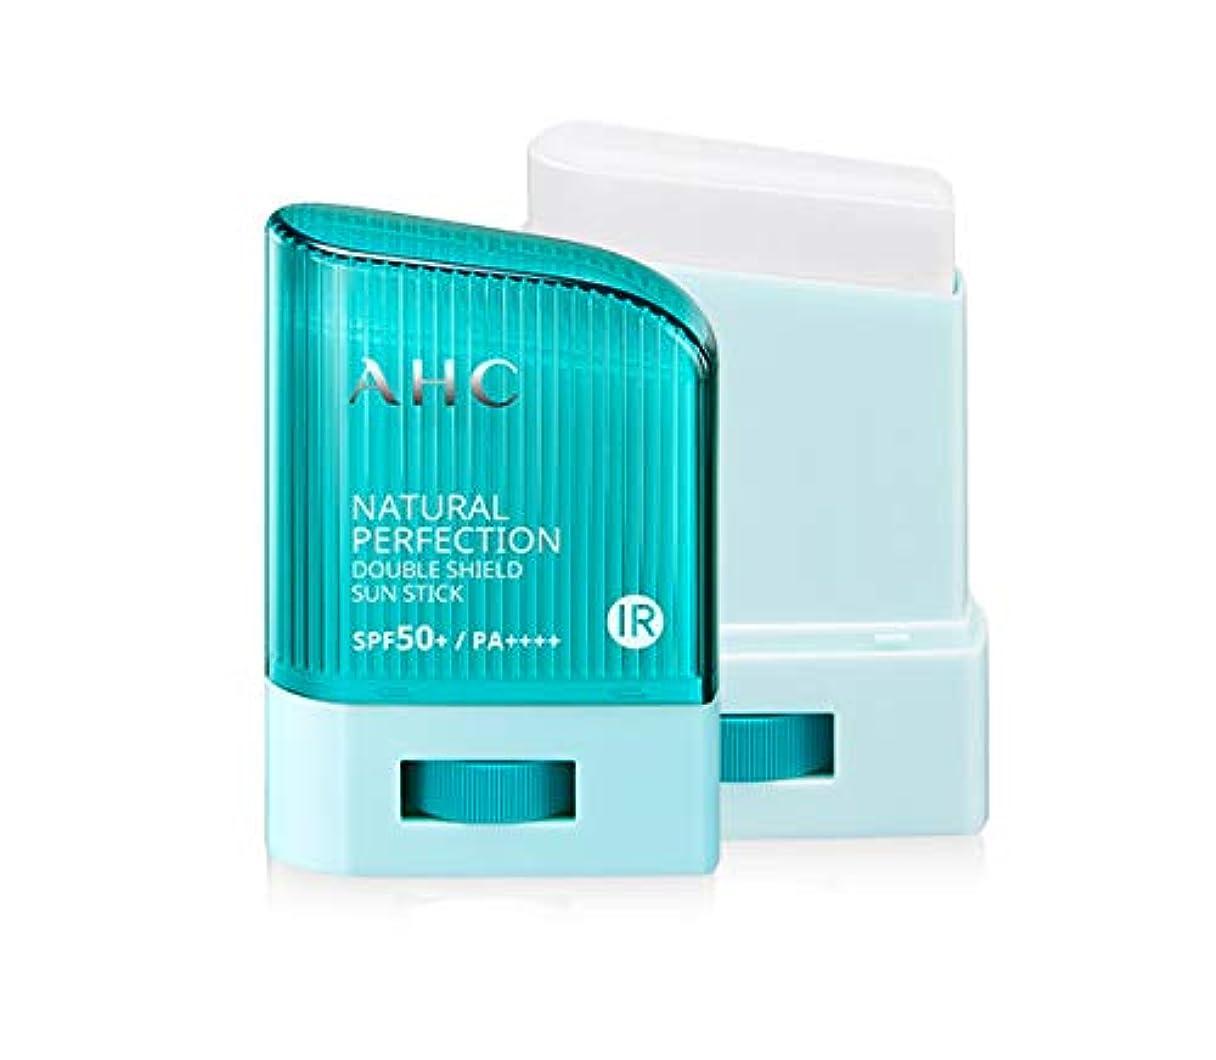 連続した曇ったむさぼり食うAHC ナチュラルパーフェクションダブルシールドサンスティック ブルー Natural Perfection Double Shield Sun Stick BLUE [並行輸入品] (14g)